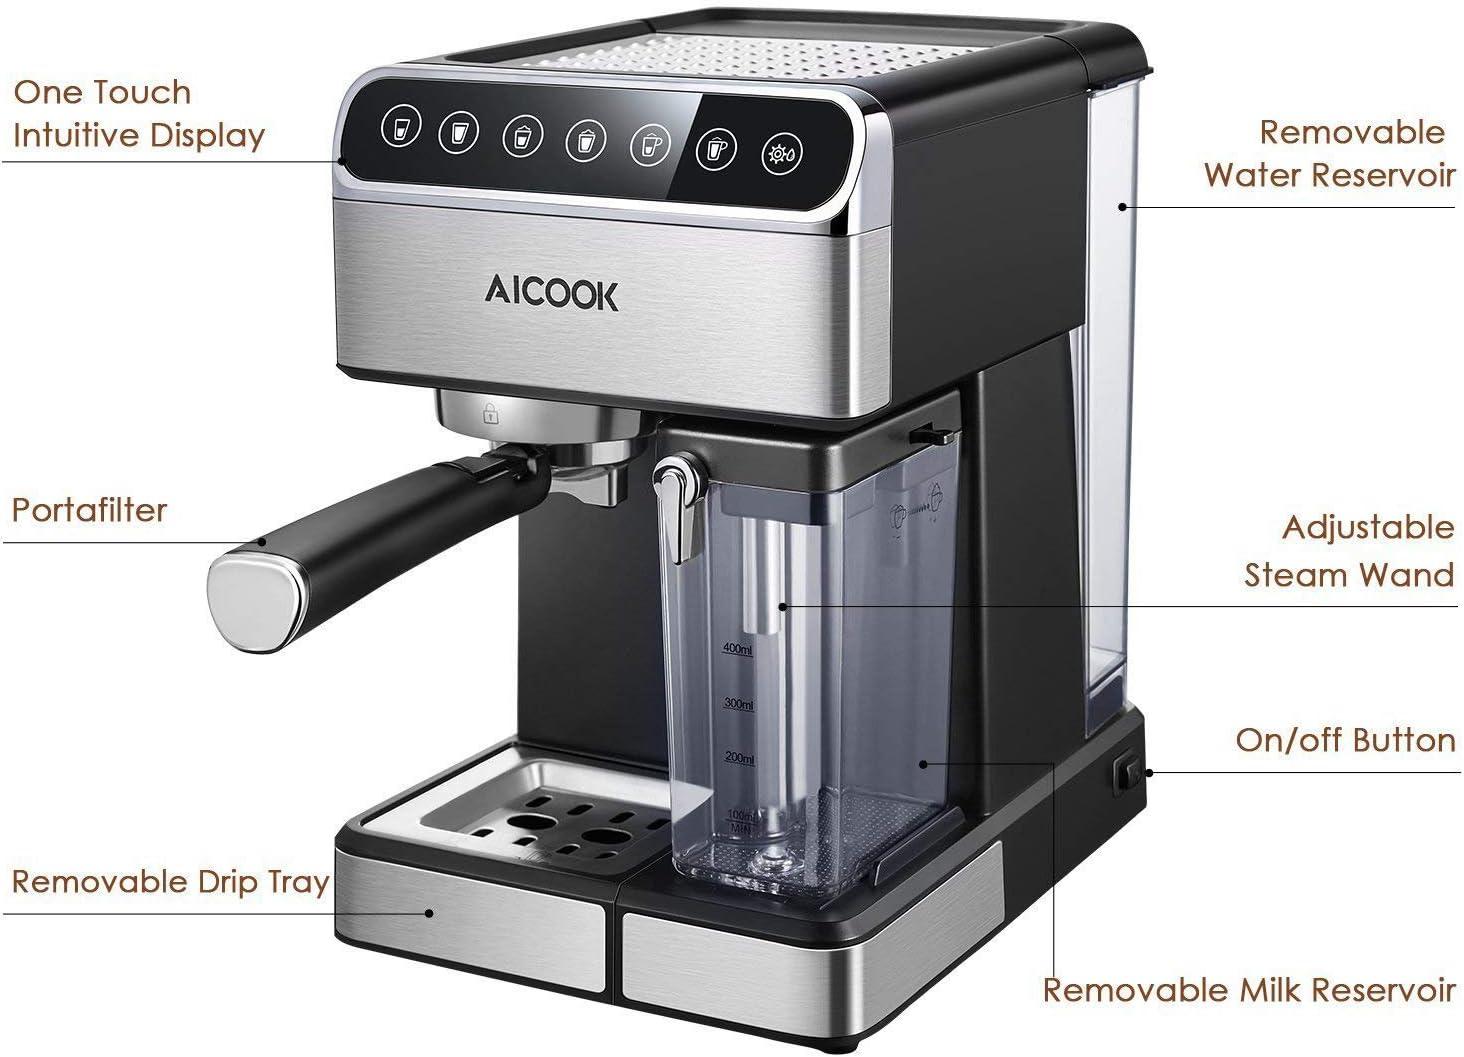 Aicook cafetera espresso, 15 bares presión, depósito agua extraíble 1,5l, panel lcd, sistema cappuccino, dispensador de café ajustable, limpieza automática, plateado ...